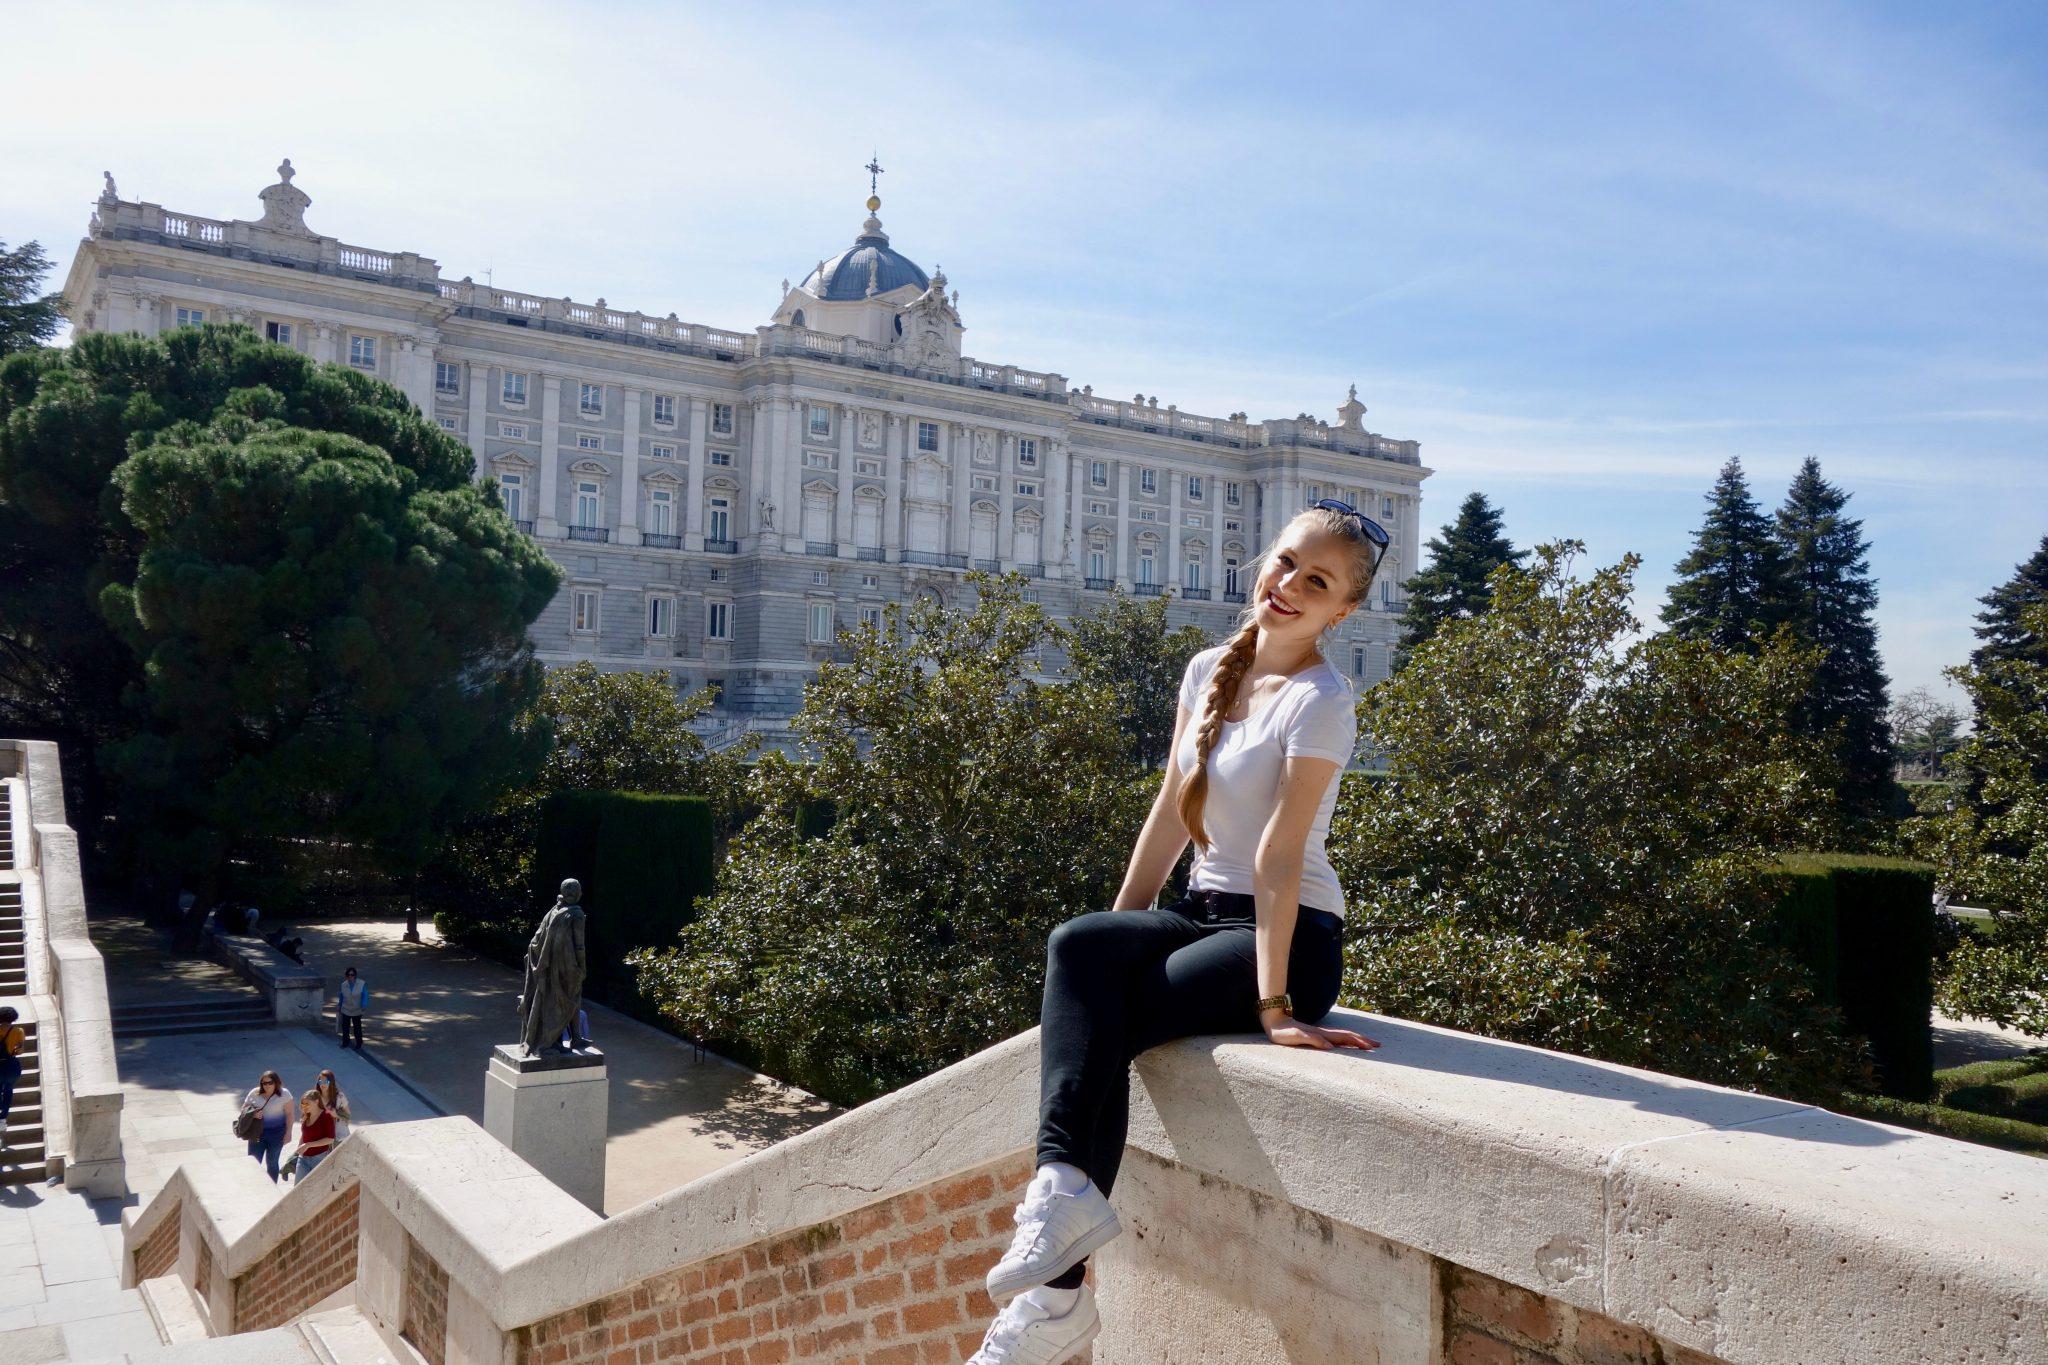 """Das ist der """"Palacio Real"""" (Königspalast) beim Campo del Moro (wunderschöner Park) in Madrid."""